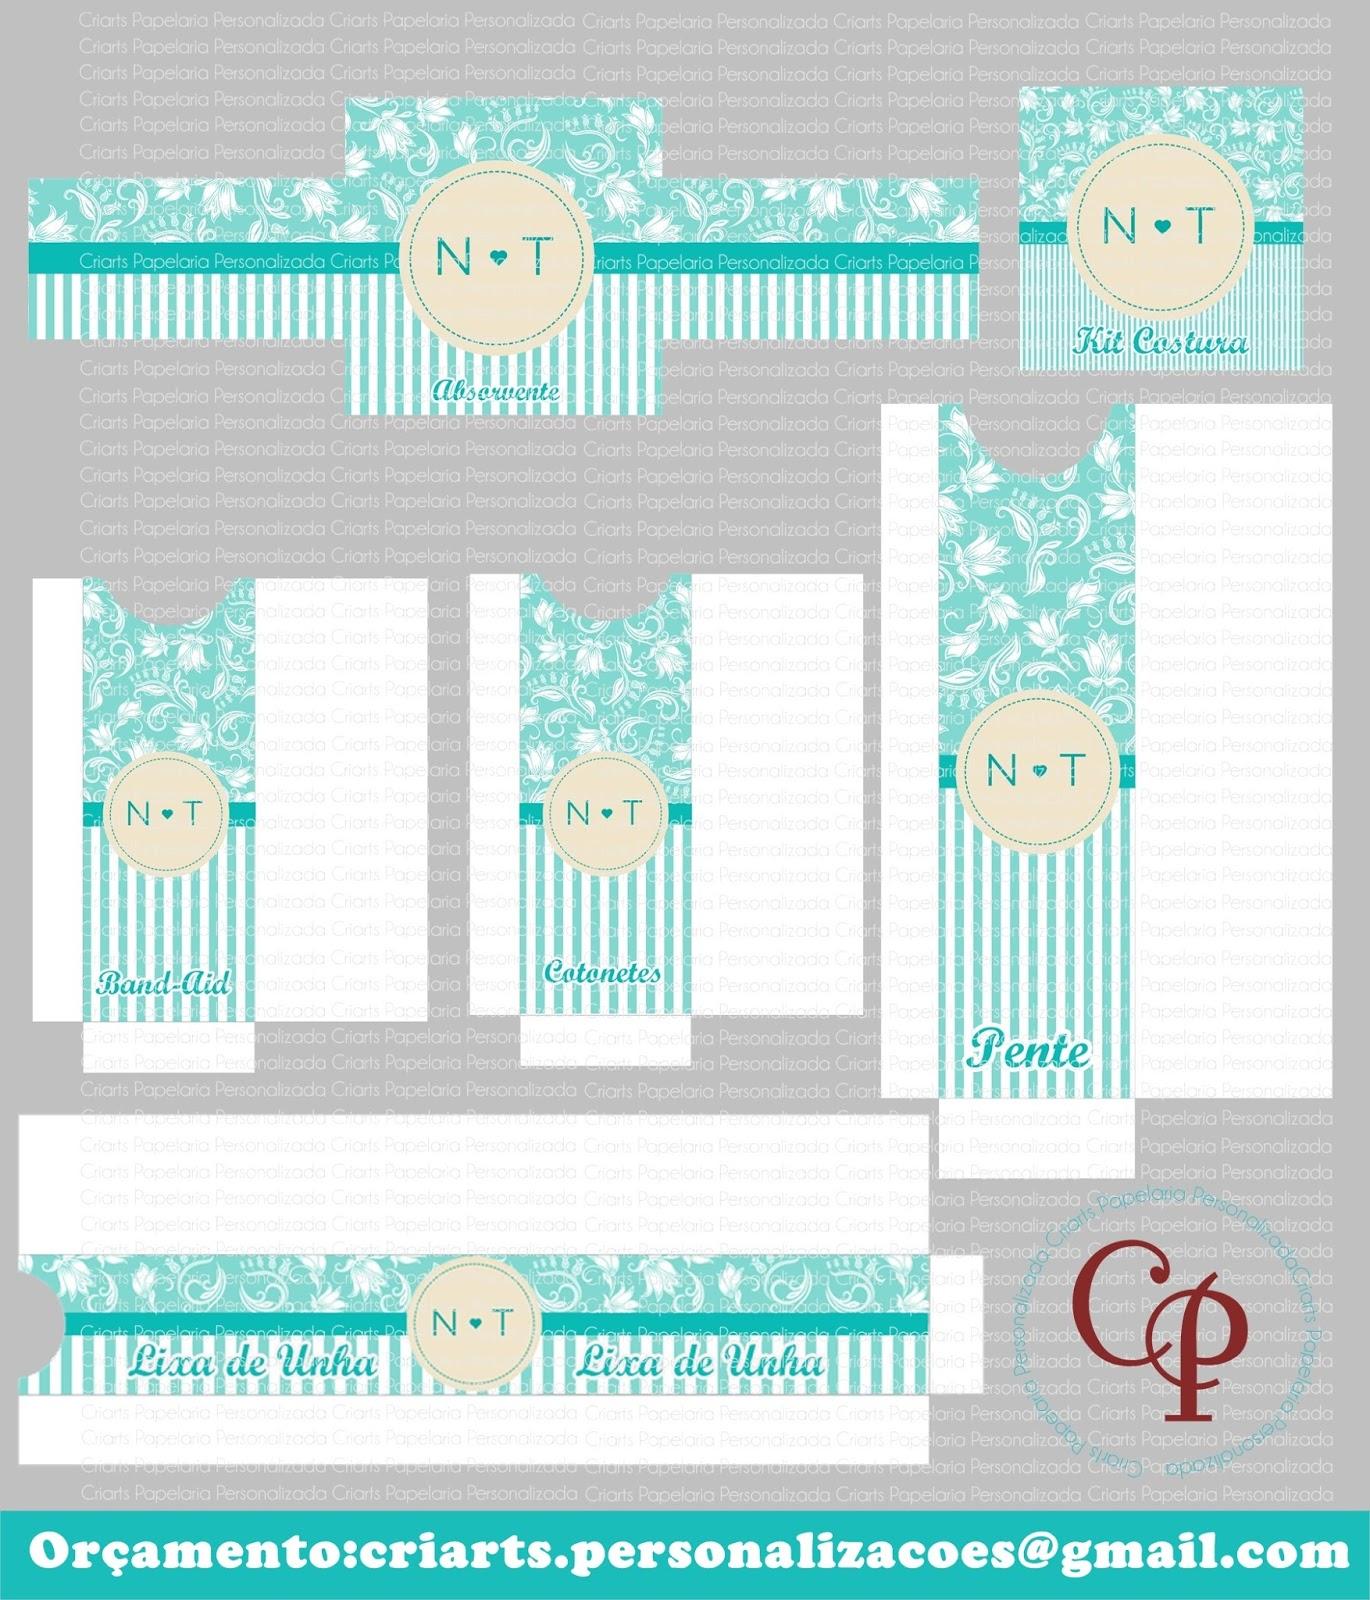 Kit Banheiro Tifany : Criarts personaliza?es kit banheiro azul tiffany e branco